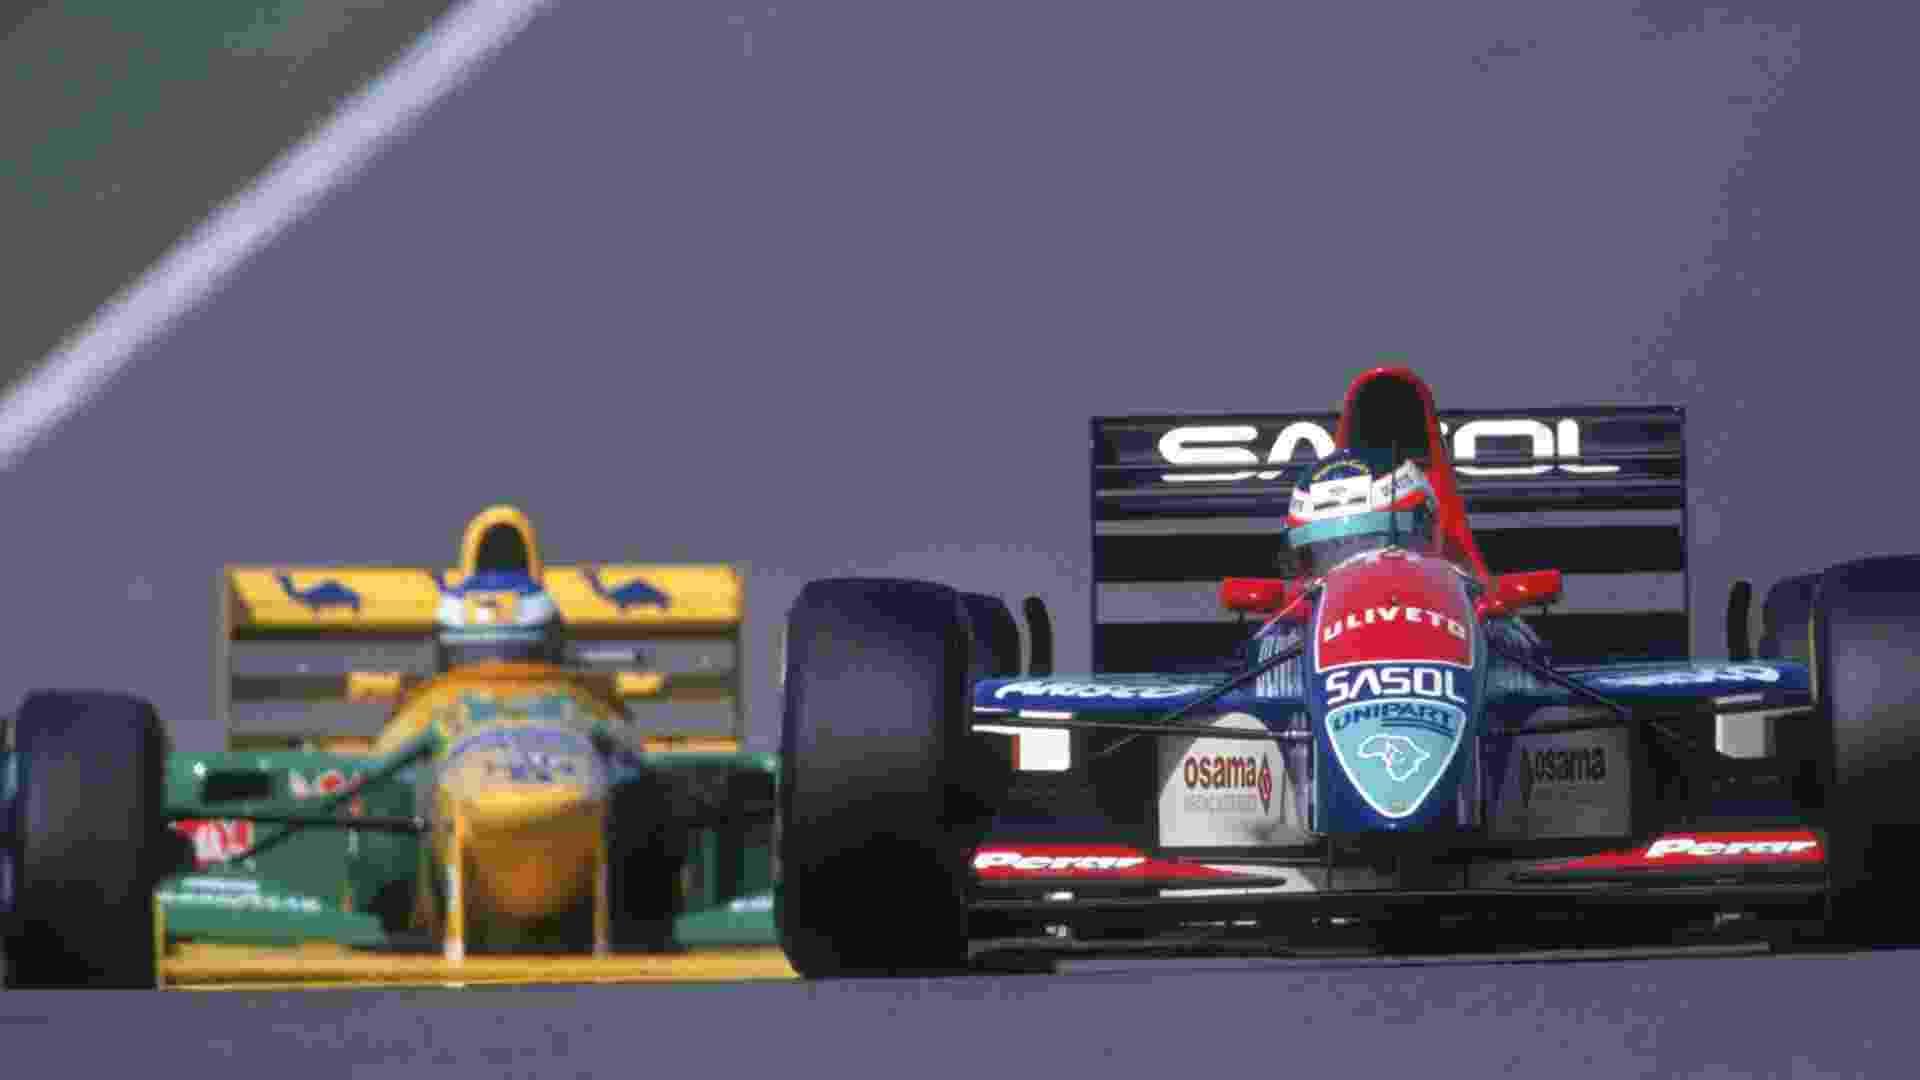 Na Jordan, Rubens Barrichello (à direita) vinha em terceiro no Grande Prêmio da Europa de 1993 quando sofreu problemas mecânicos faltando seis voltas para o fim. Seria seu primeiro pódio na F-1 - Pascal Rondeau/Getty Images